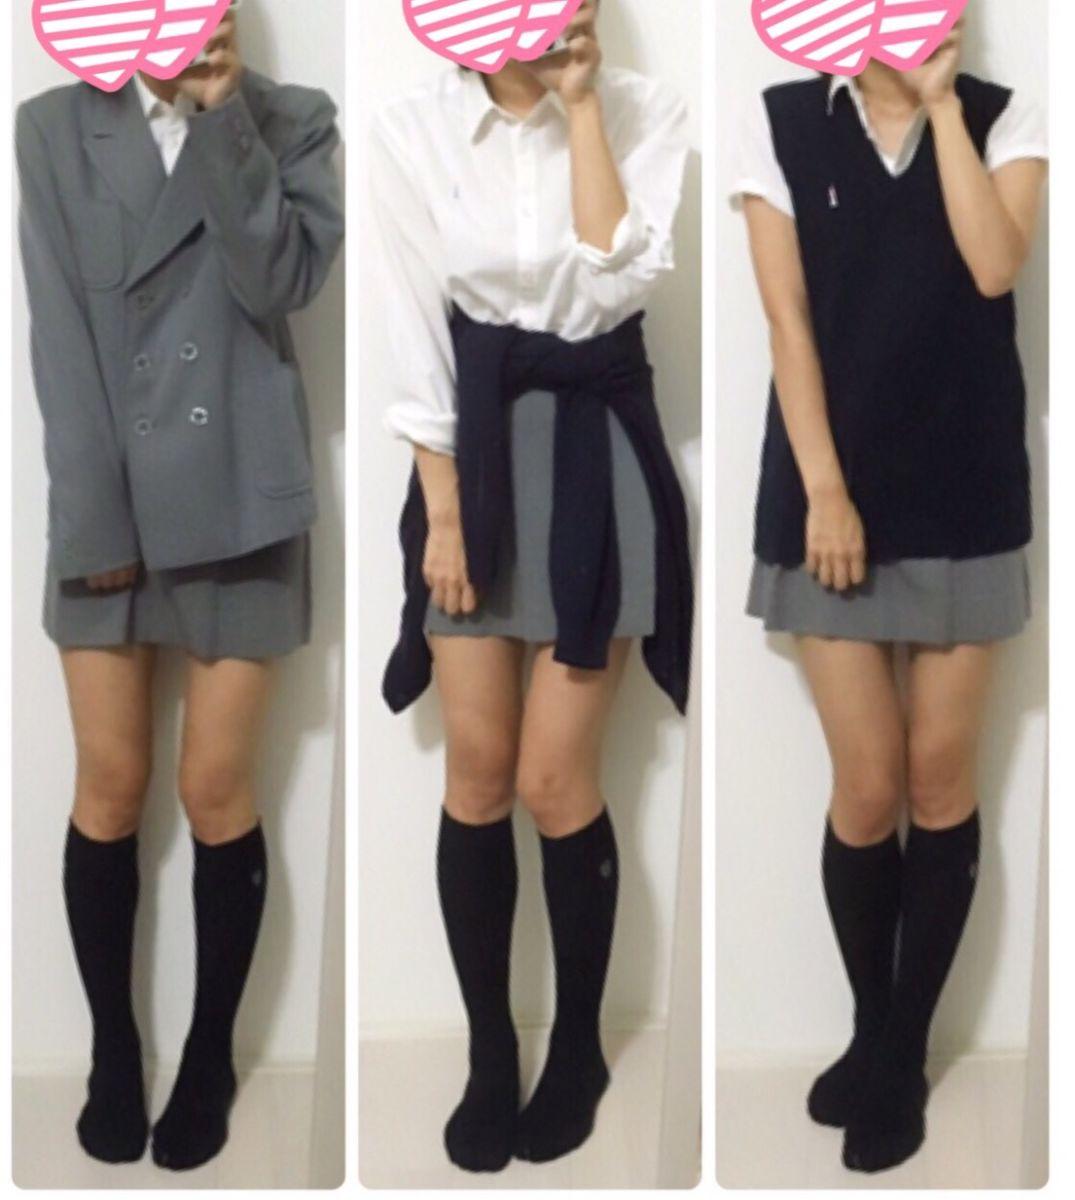 【画像】制服がタイトスカートのJKエロすぎい!!! img9980394767271